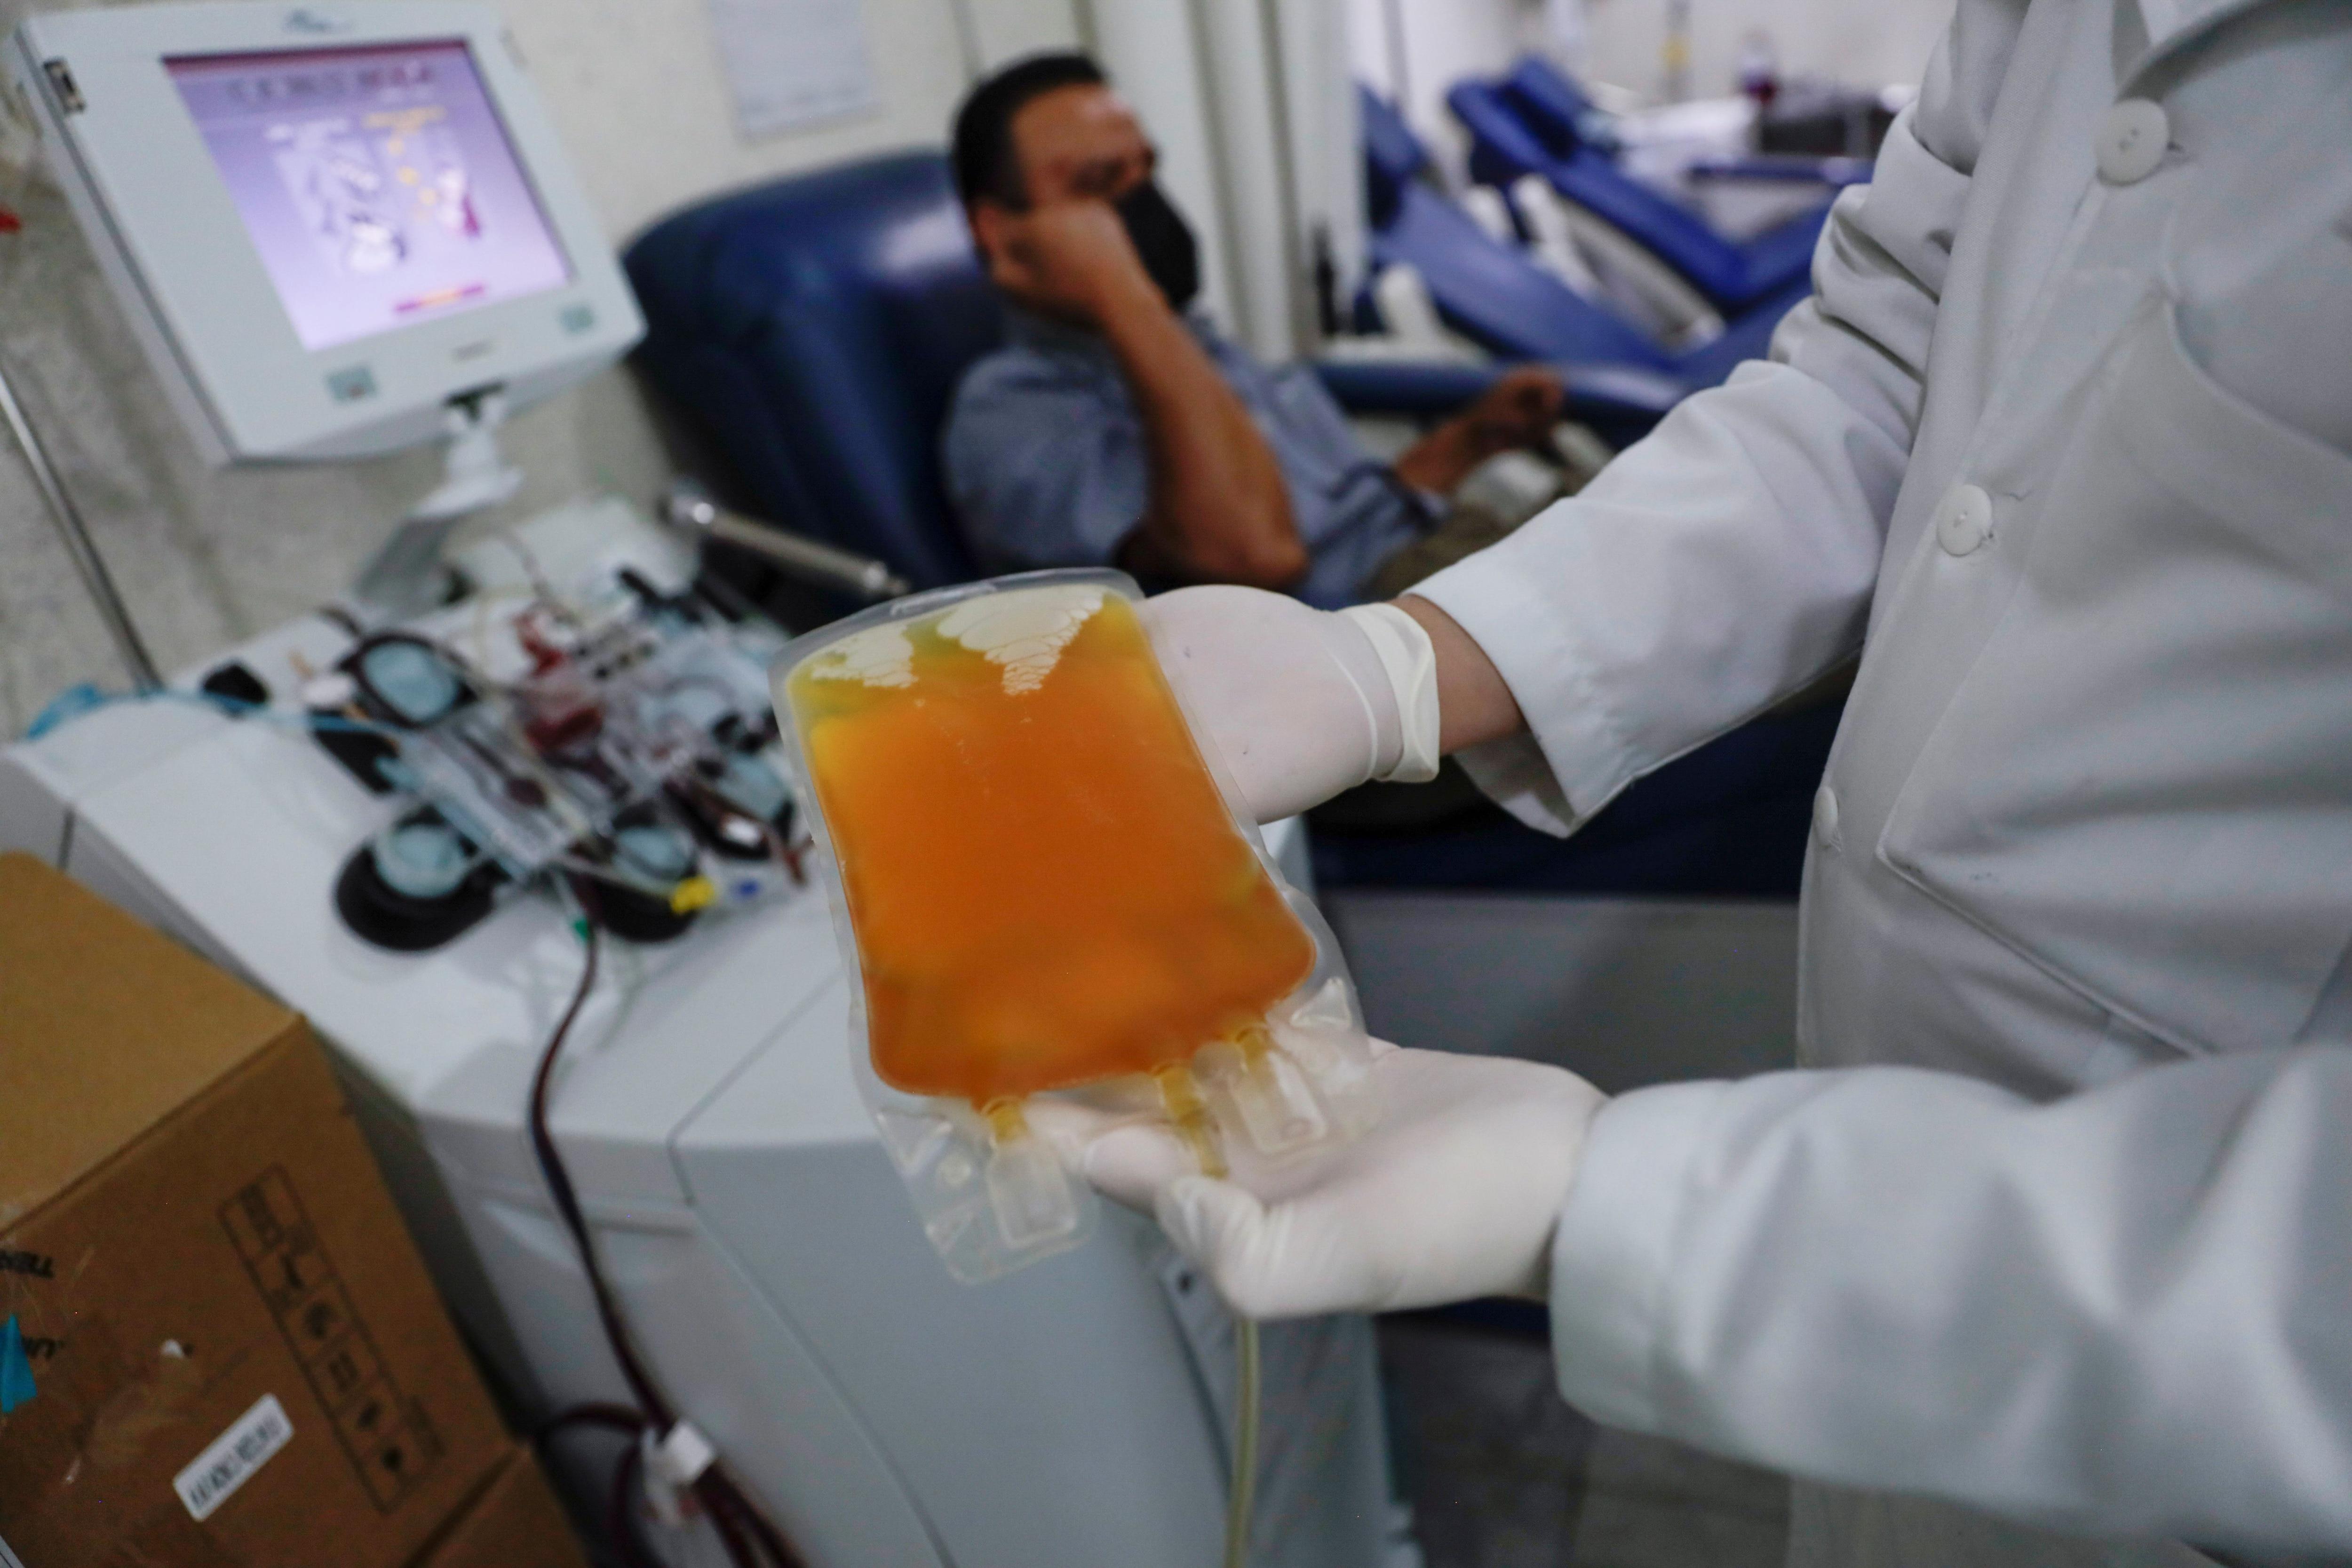 Los expertos consideraron que el plasma de pacientes que se han recuperado del COVID-19 tiene el potencial de ayudar a tratar a aquellos que están sufriendo los efectos de este terrible virus - REUTERS/Luis Cortes